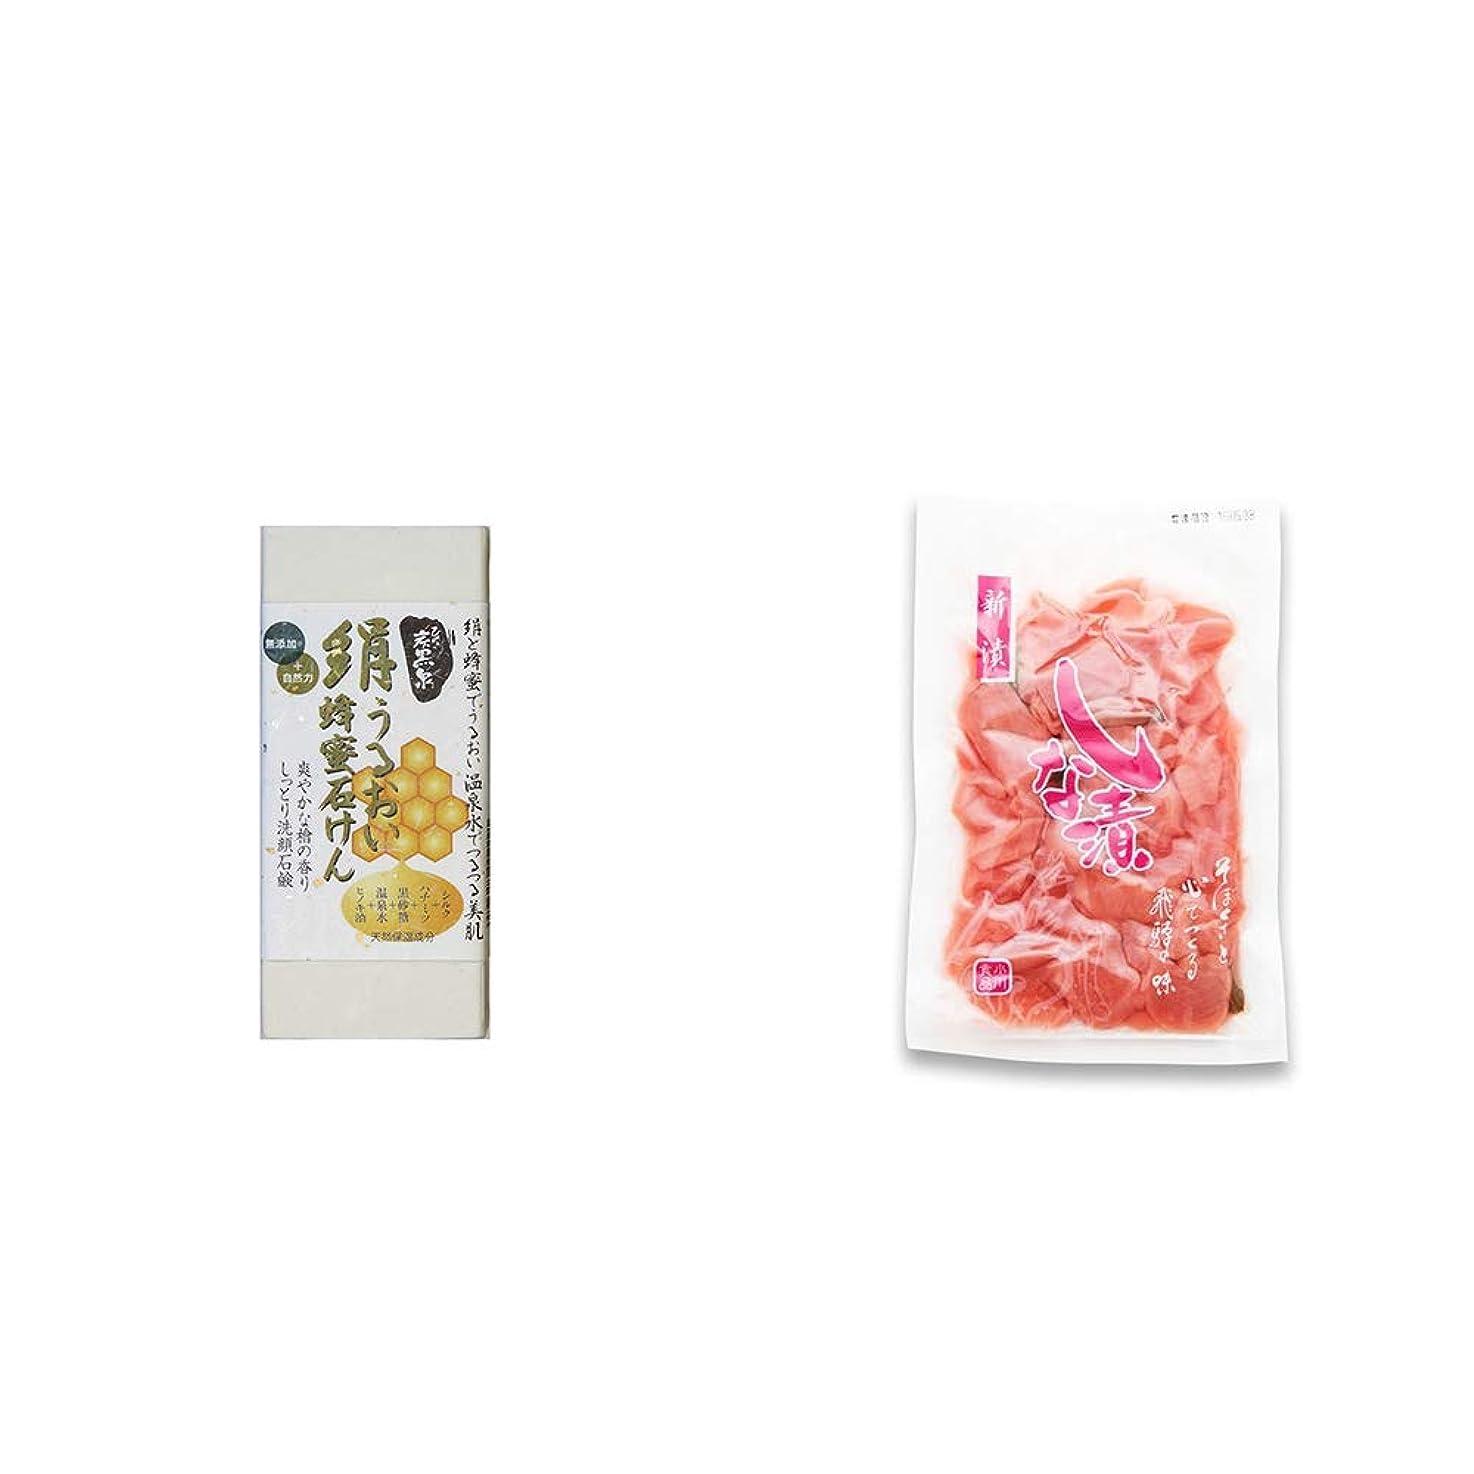 レンズ日焼け厳しい[2点セット] ひのき炭黒泉 絹うるおい蜂蜜石けん(75g×2)?しな漬け(160g)